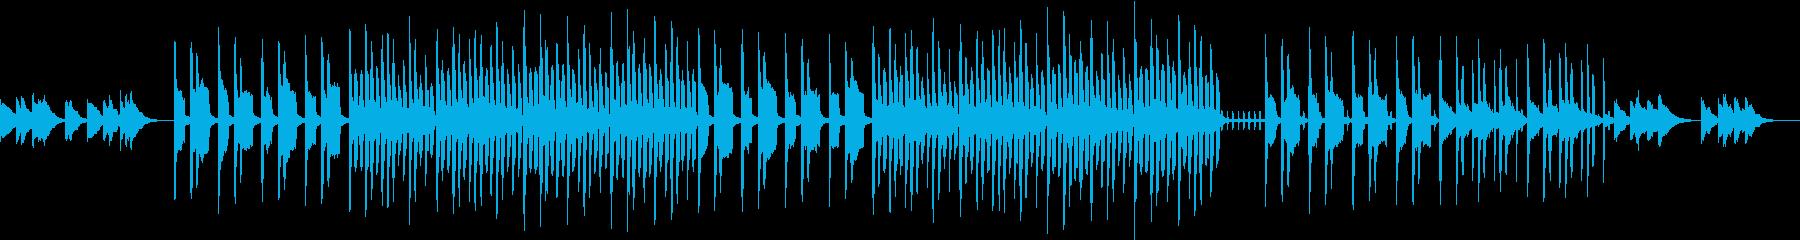 ヘヴィなシンセのSFホラーな曲の再生済みの波形